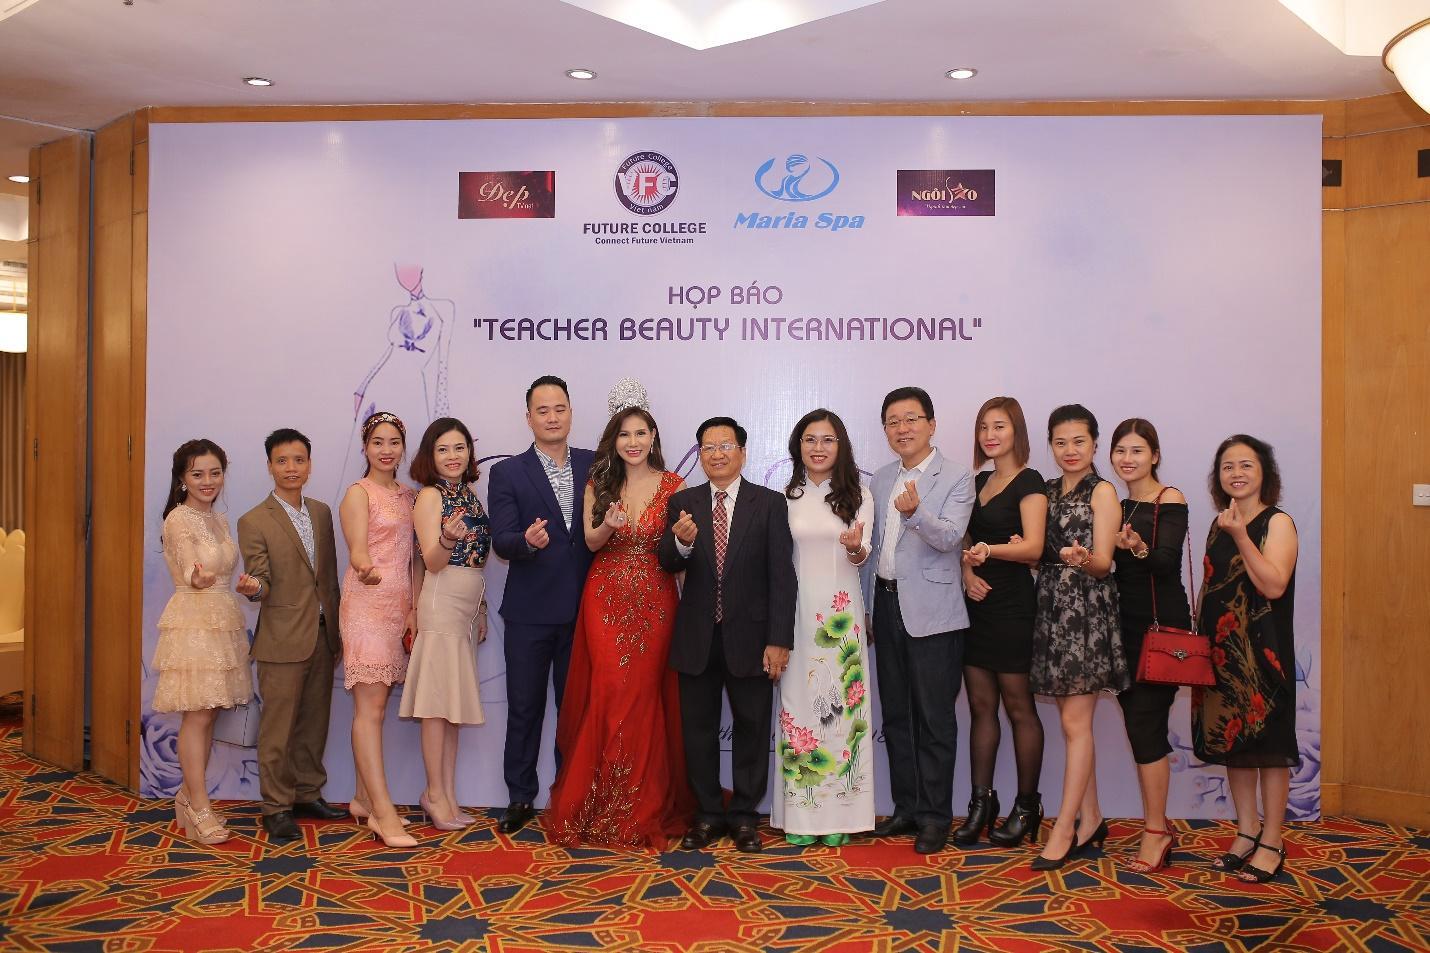 Chân dung cô giáo Nguyễn Bình - Người tâm huyết với ngành giáo dục đào tạo làm đẹp tại Việt Nam - Ảnh 2